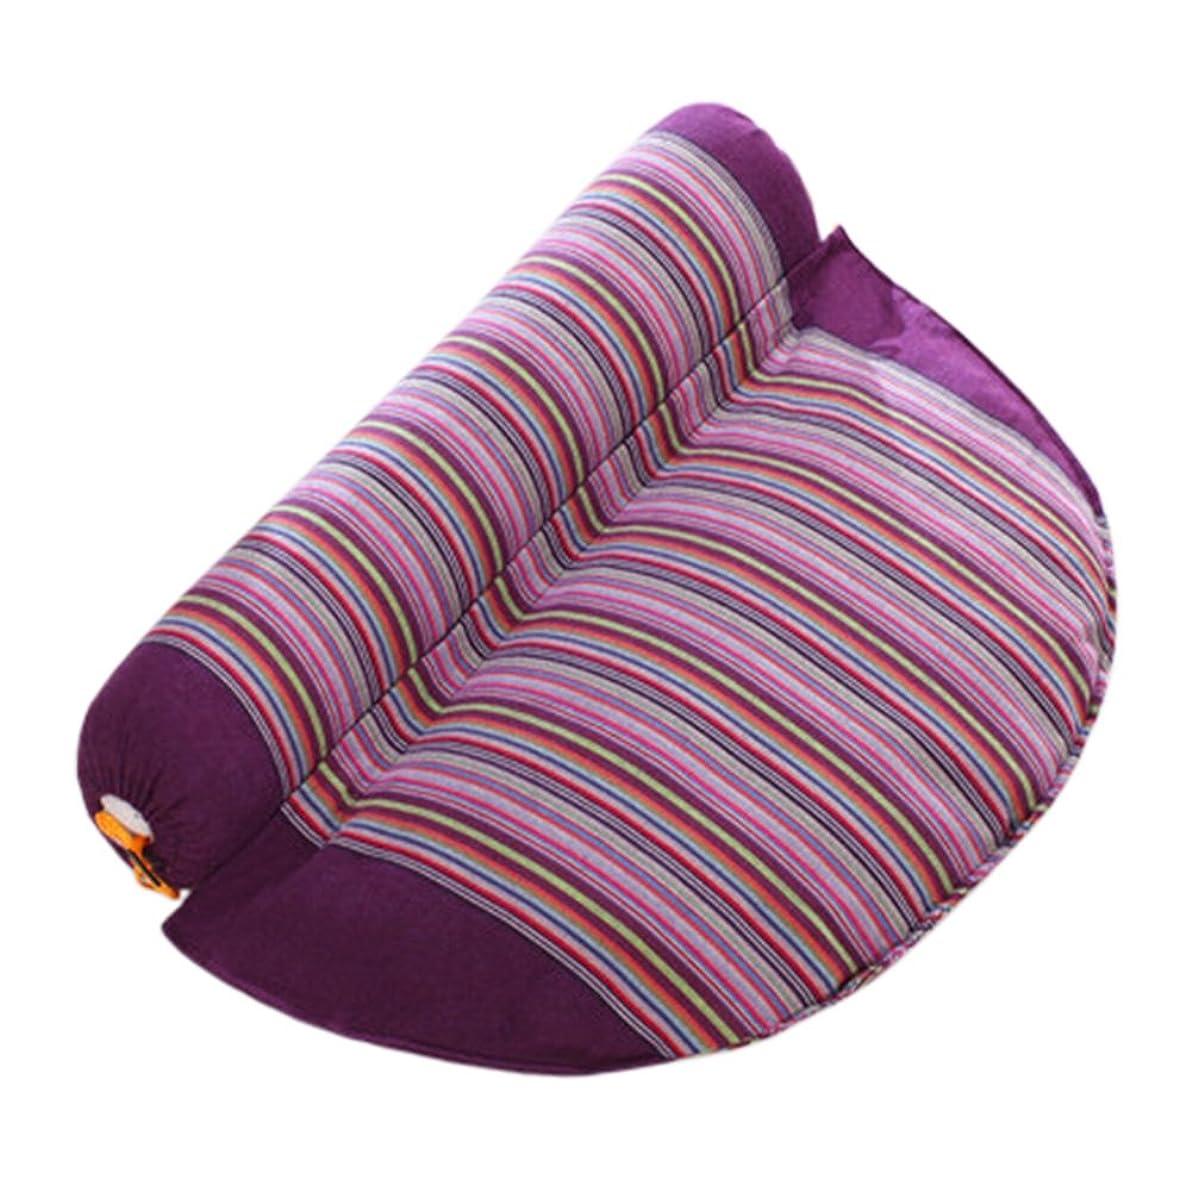 コカインサポート薄い健康な頸部の枕快適な首のロール枕の首のサポート枕紫